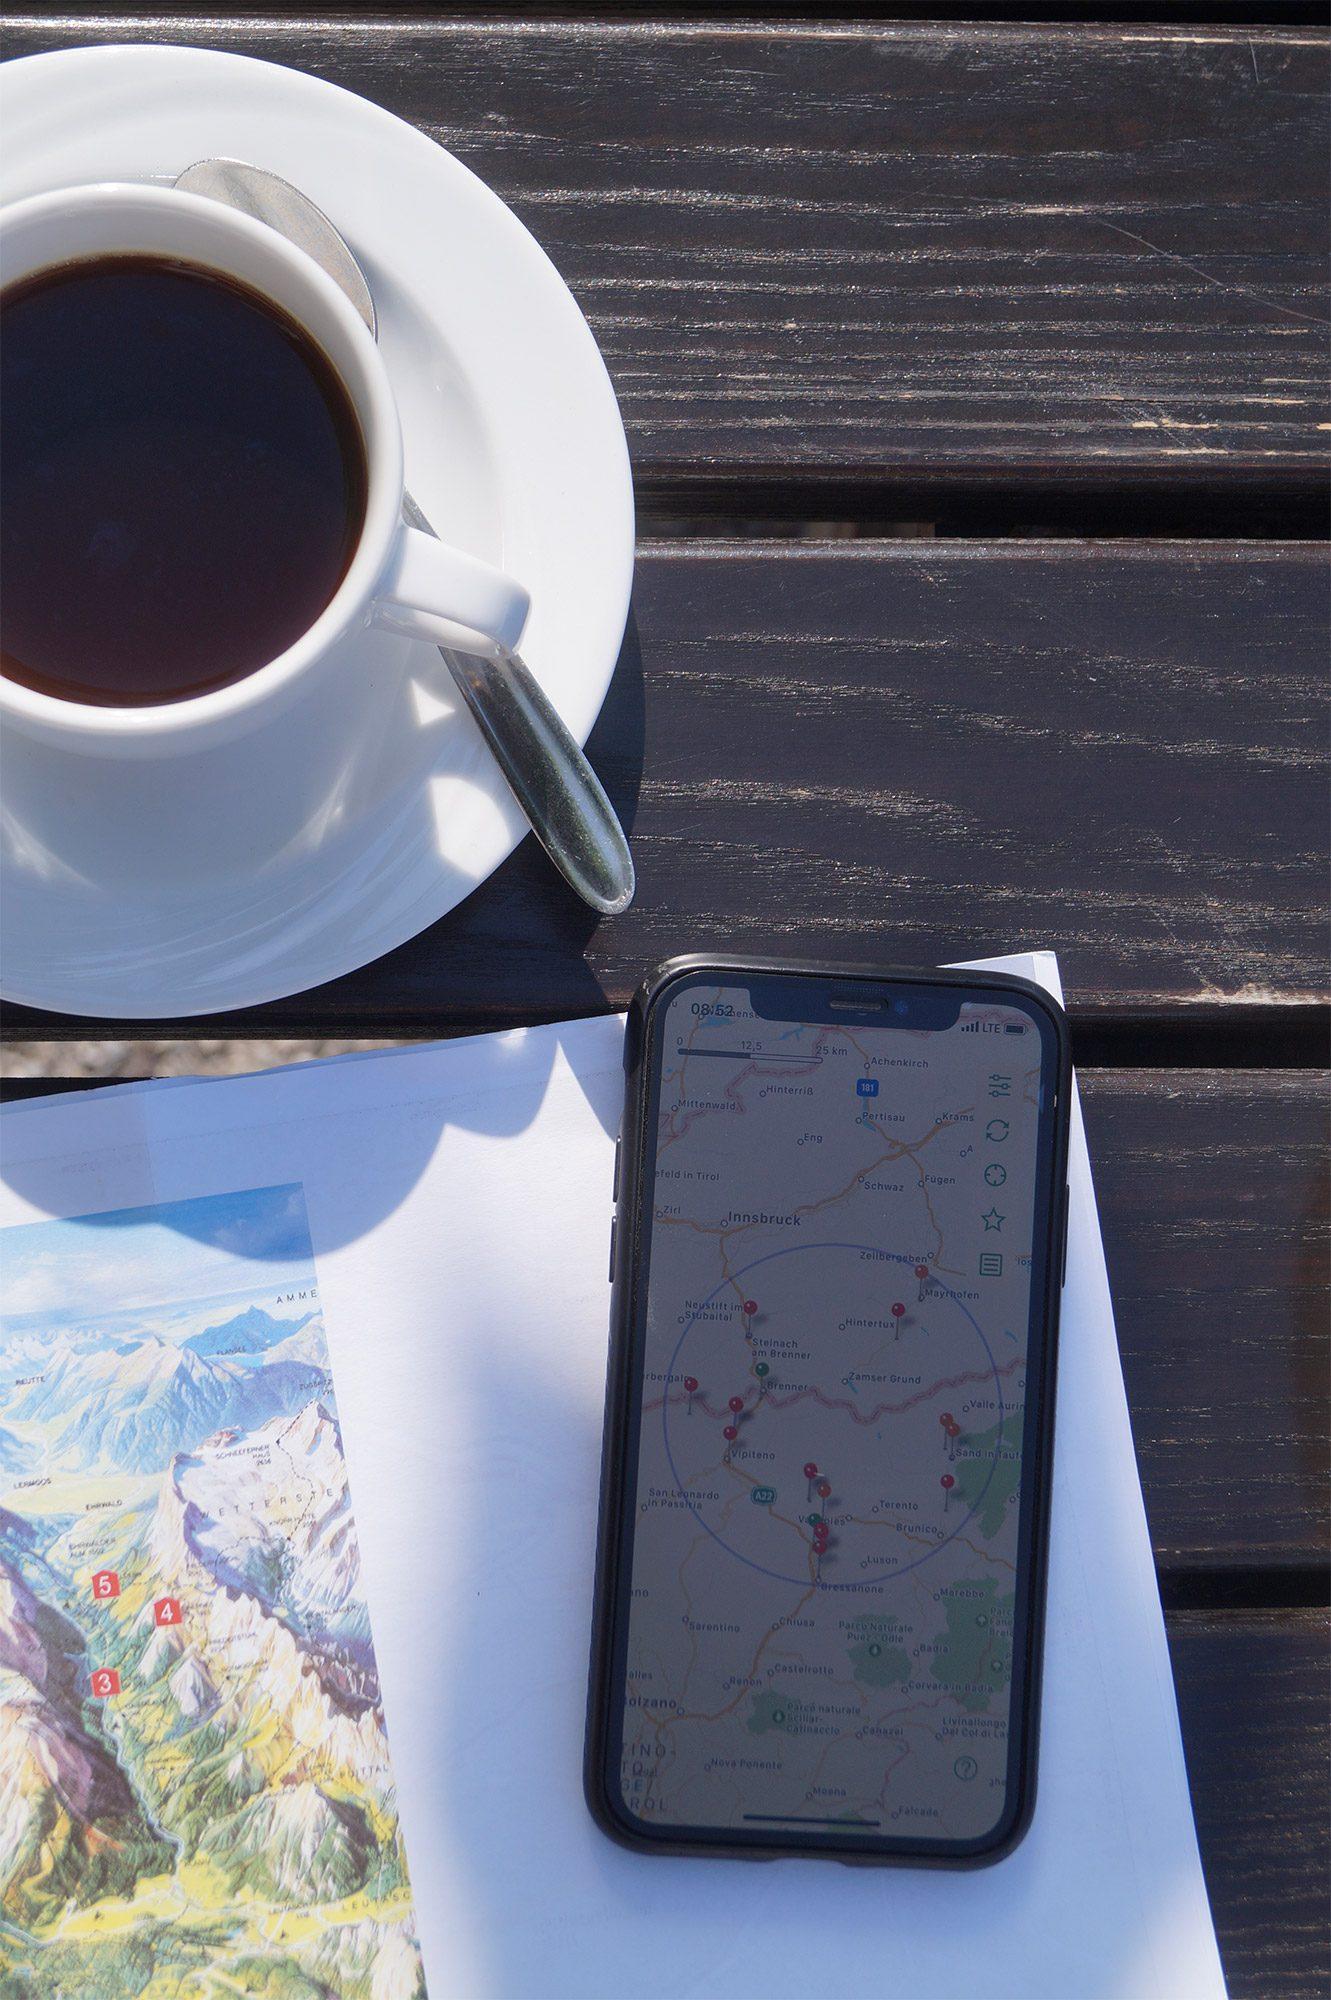 Die ChargEV App bei einem Kaffee studieren